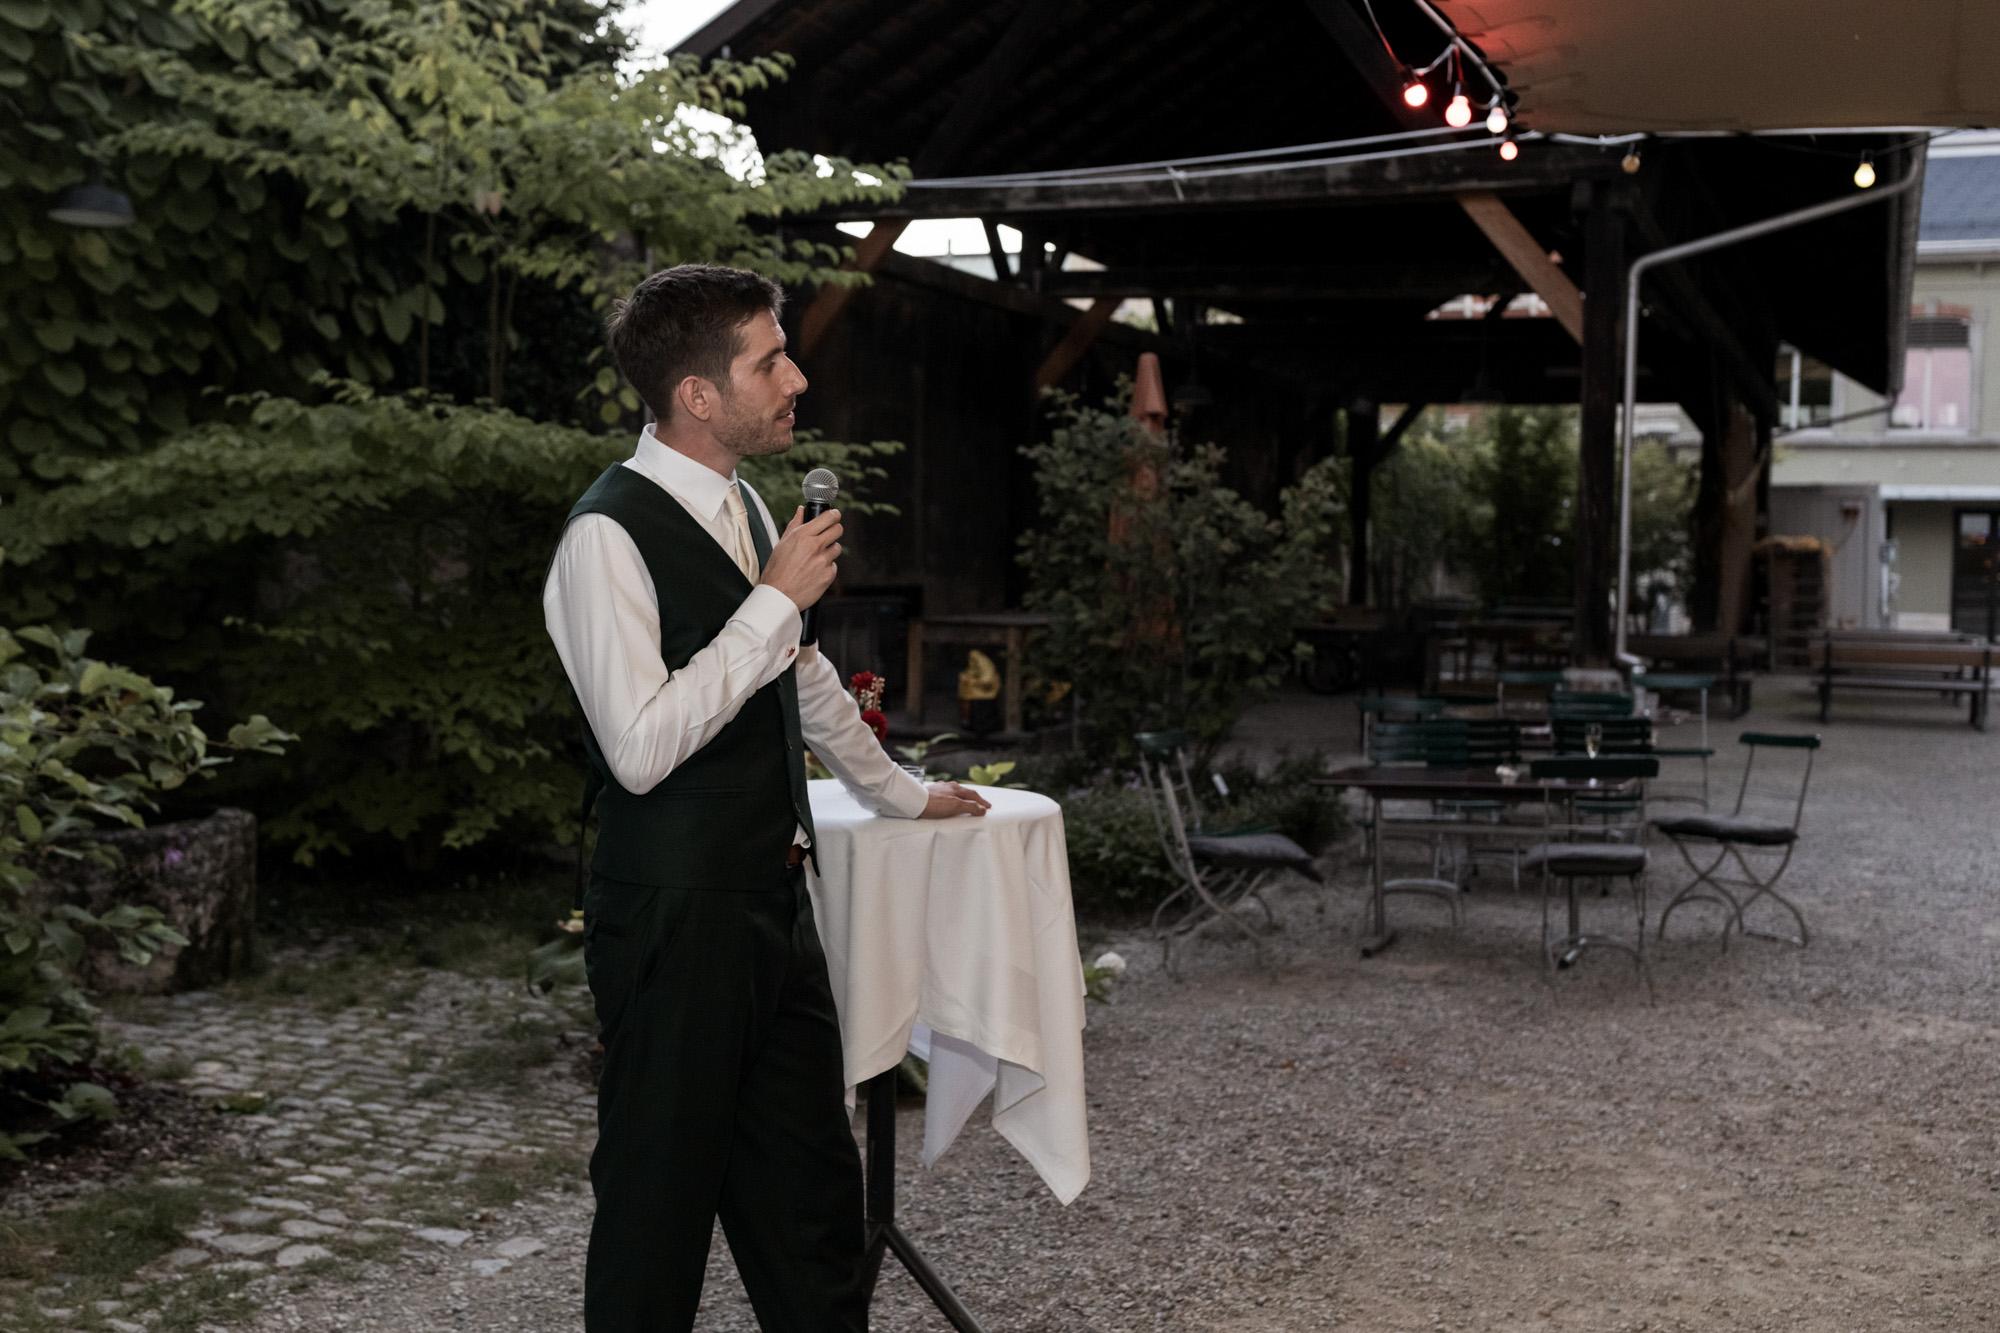 Hochzeit im Turbinenhaus in Basel - Der Bräutigam